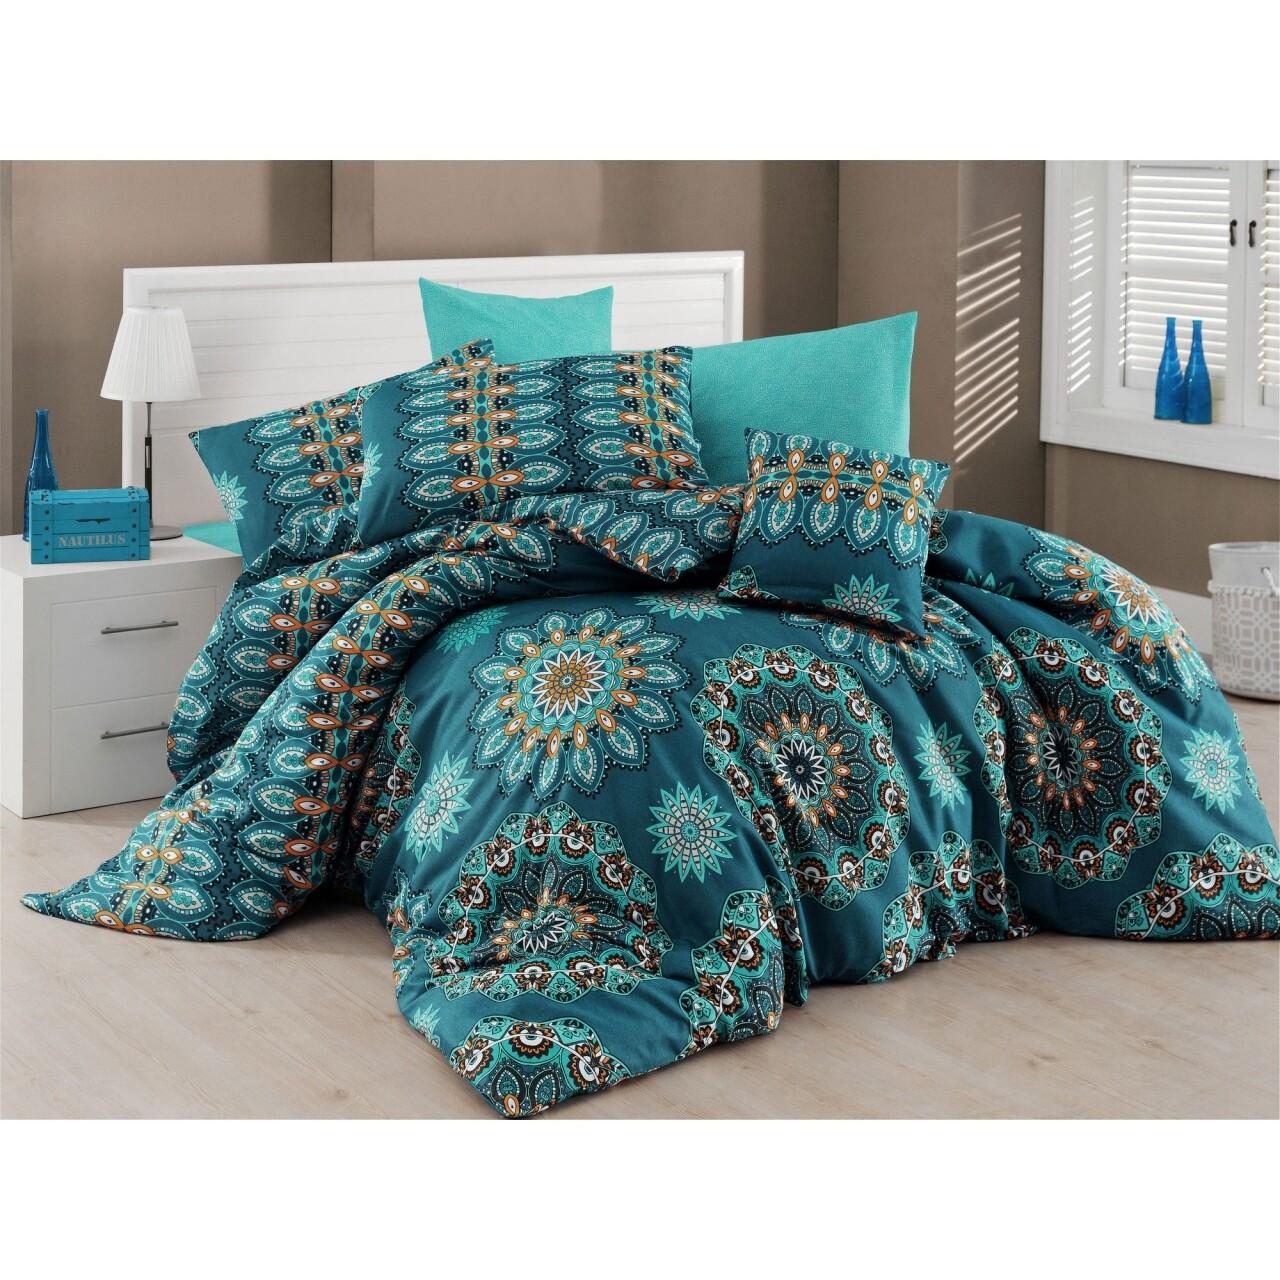 Lenjerie de pat double Hula Turquoise